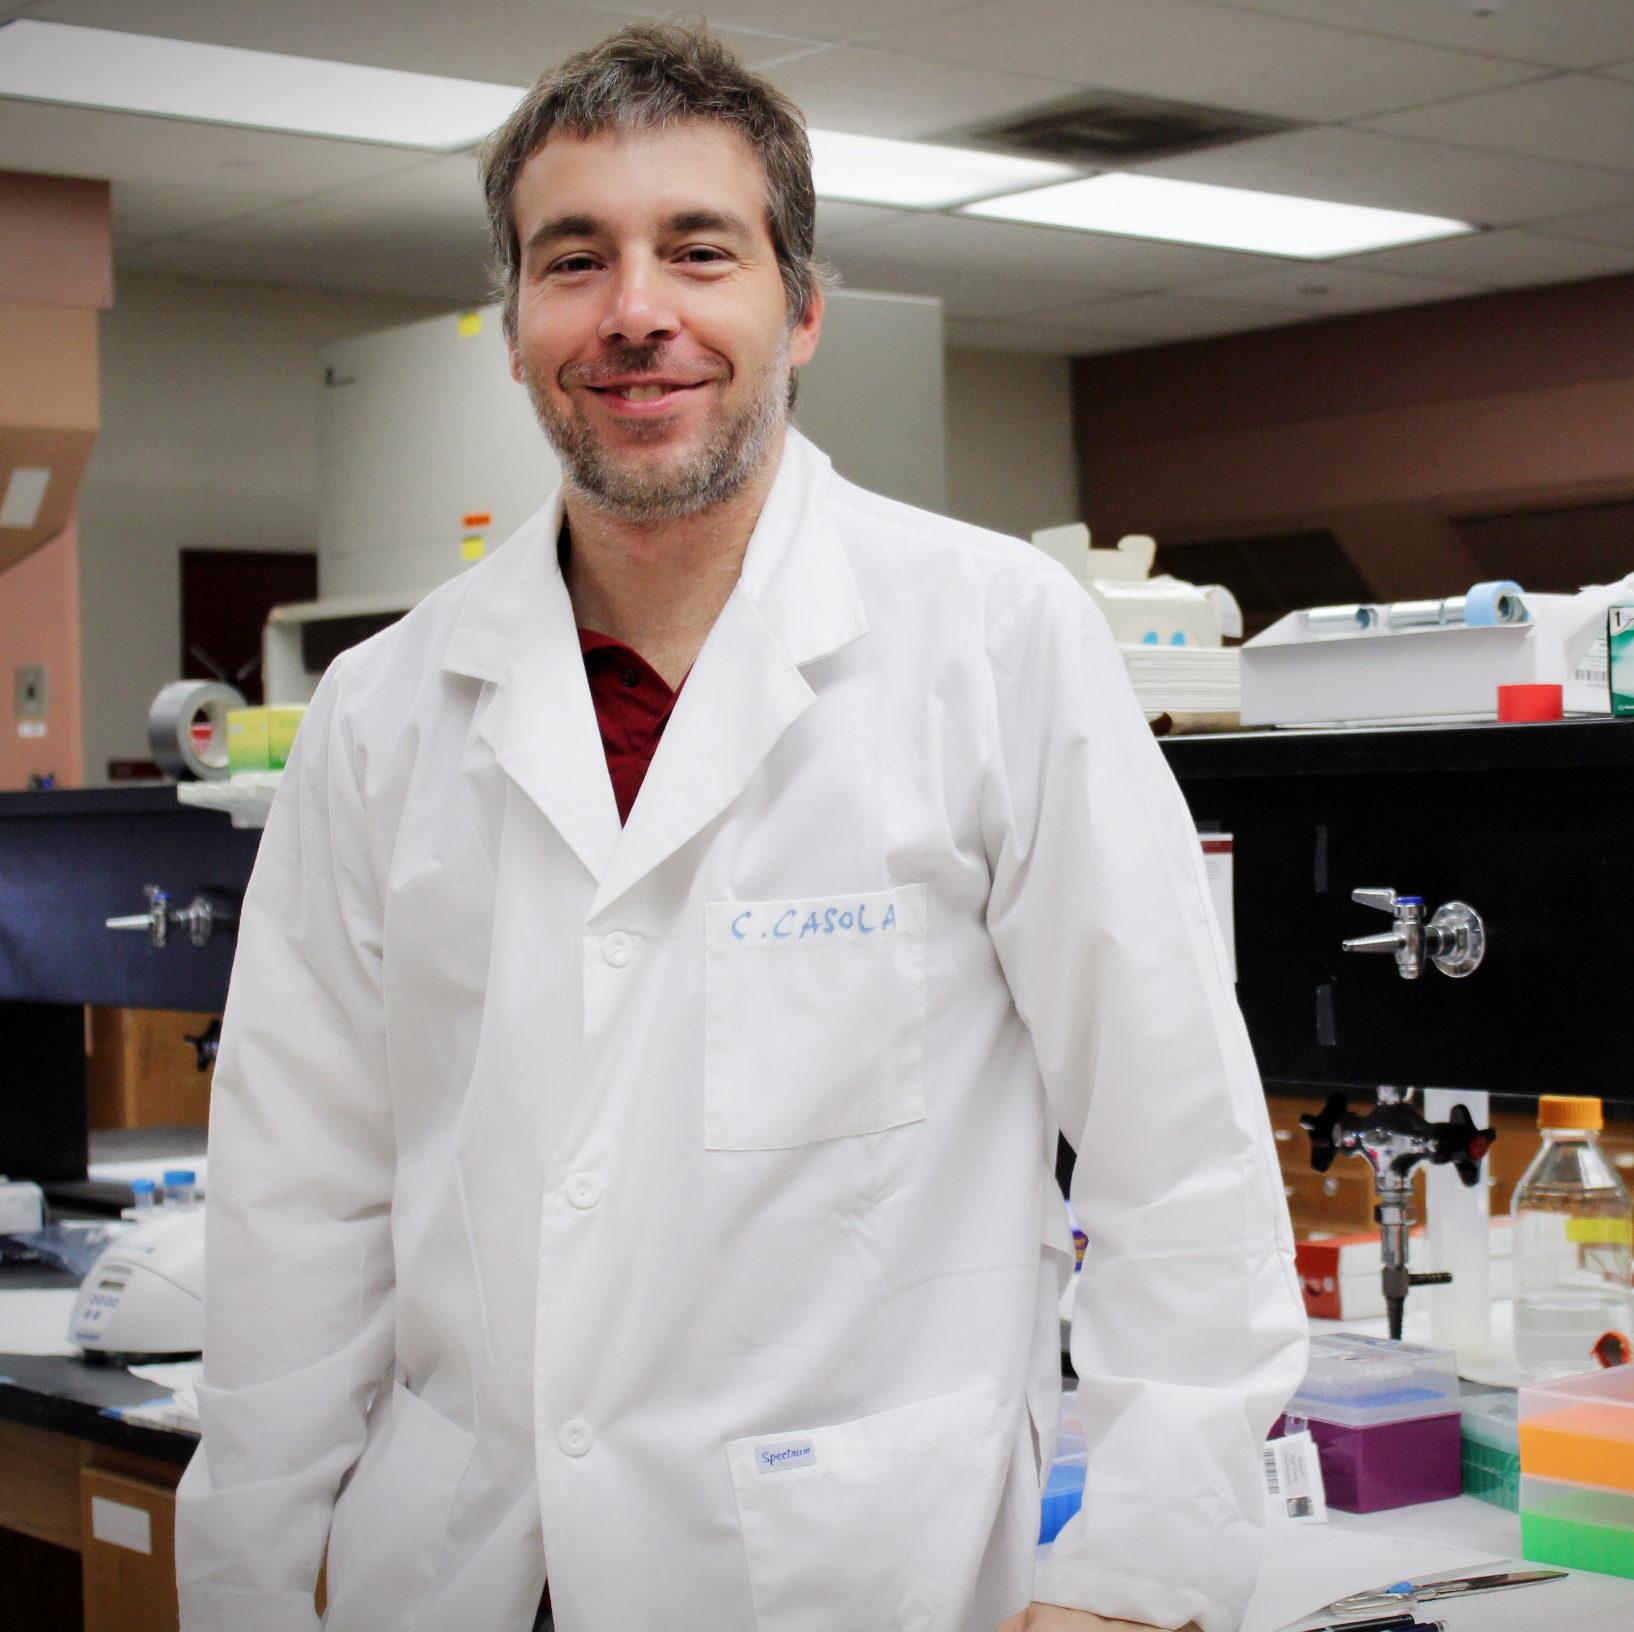 Claudio Casola, PhD